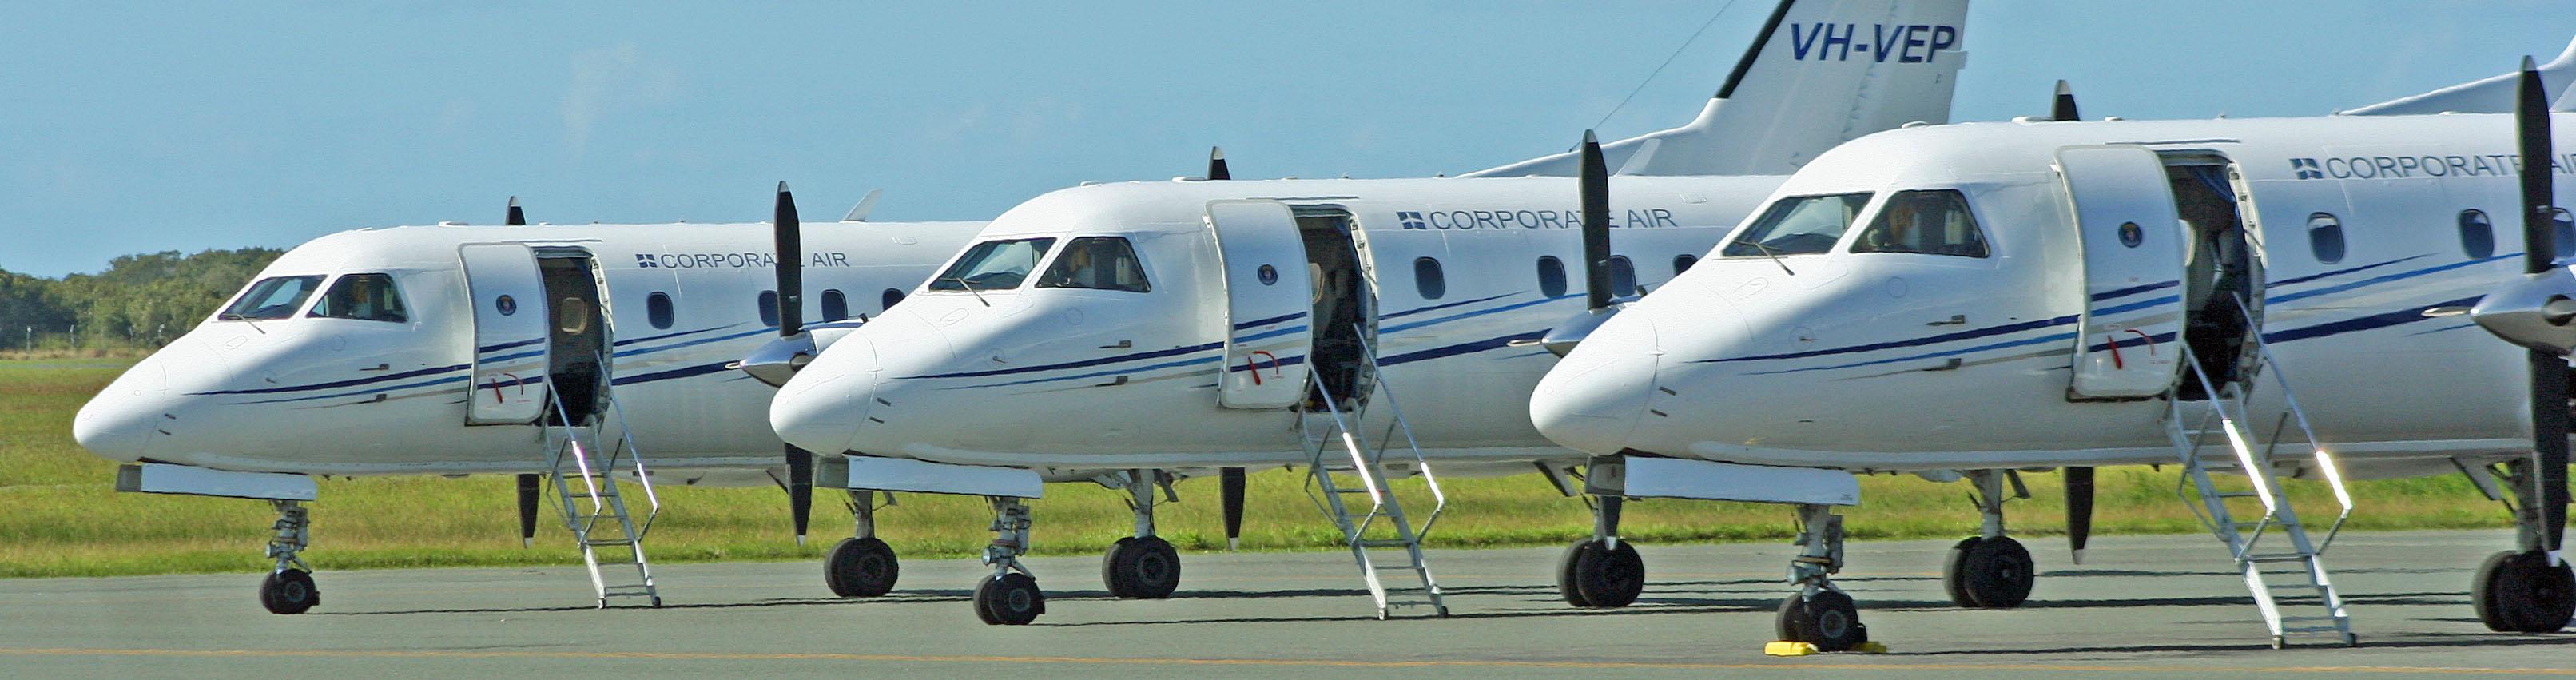 Saab 340B+ Air Charter